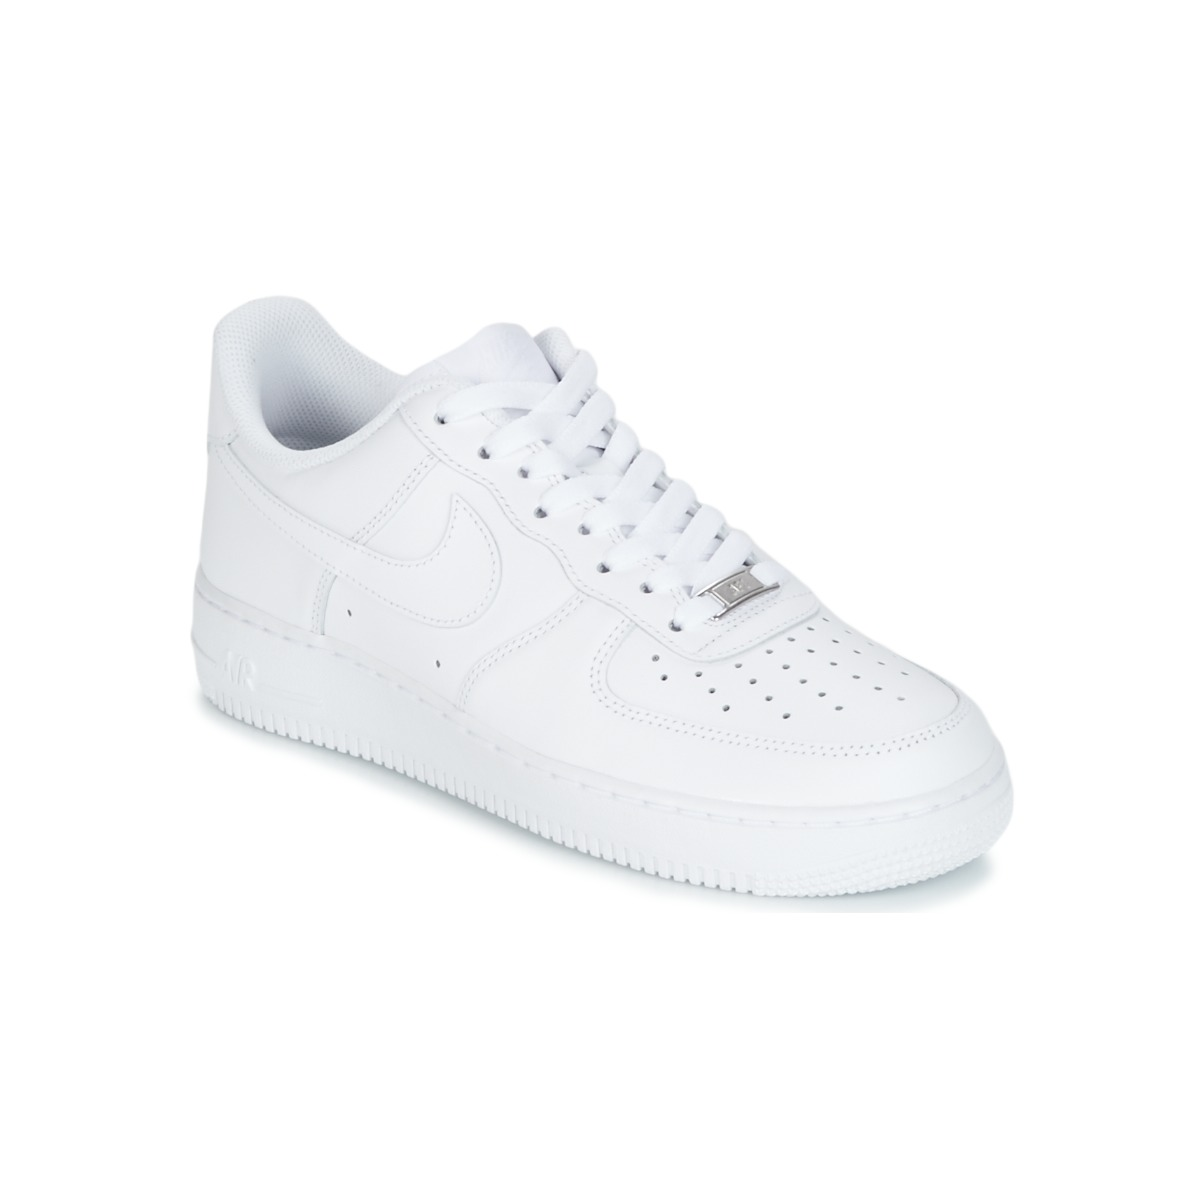 3d8e7919a7a Nike AIR FORCE 1 07 Branco - Entrega gratuita com a Spartoo.pt ! - Sapatos  Sapatilhas Homem 103